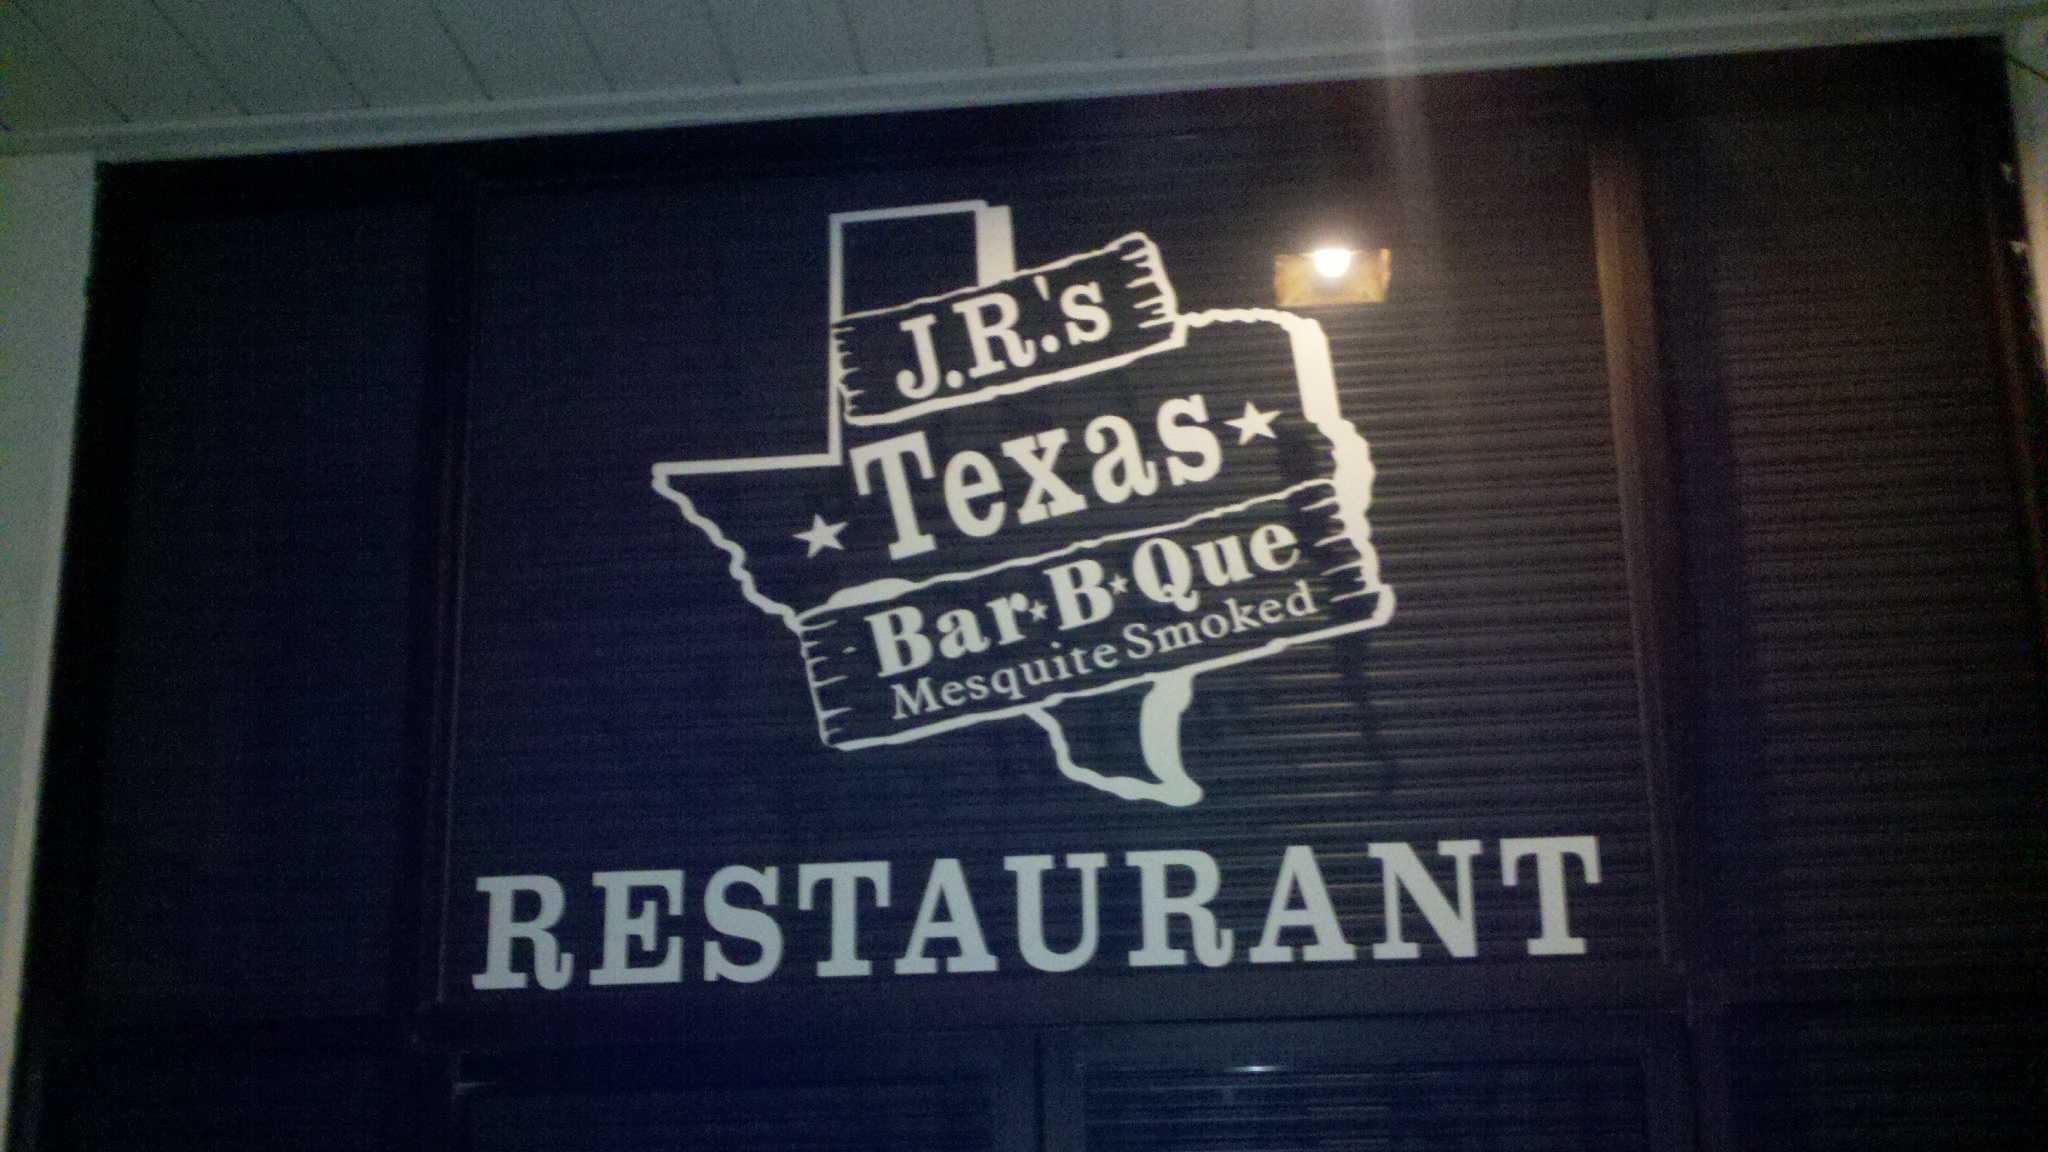 JR's Texas Bar B Que